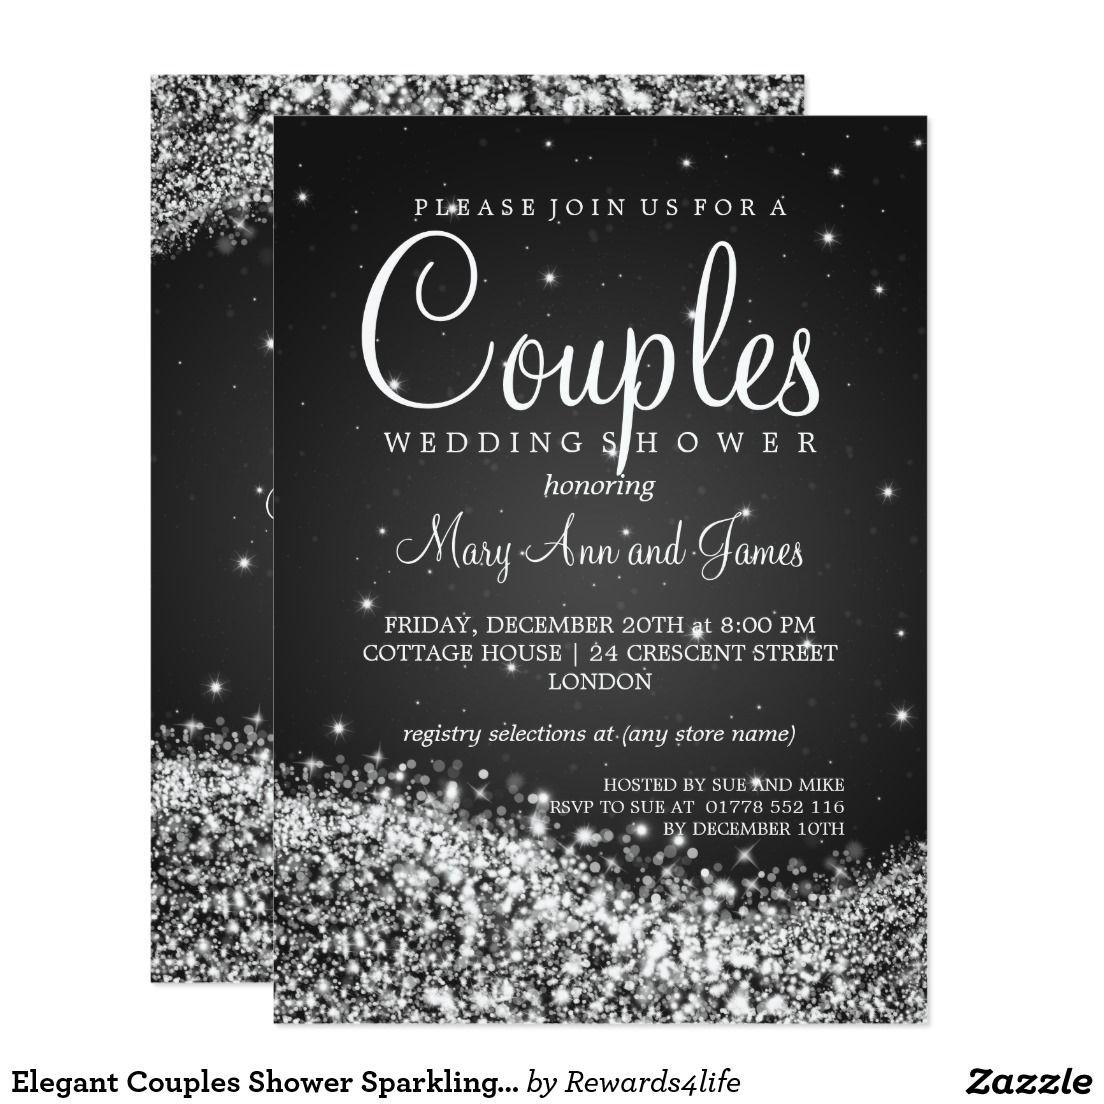 Elegant Couples Shower Sparkling Wave Black Card